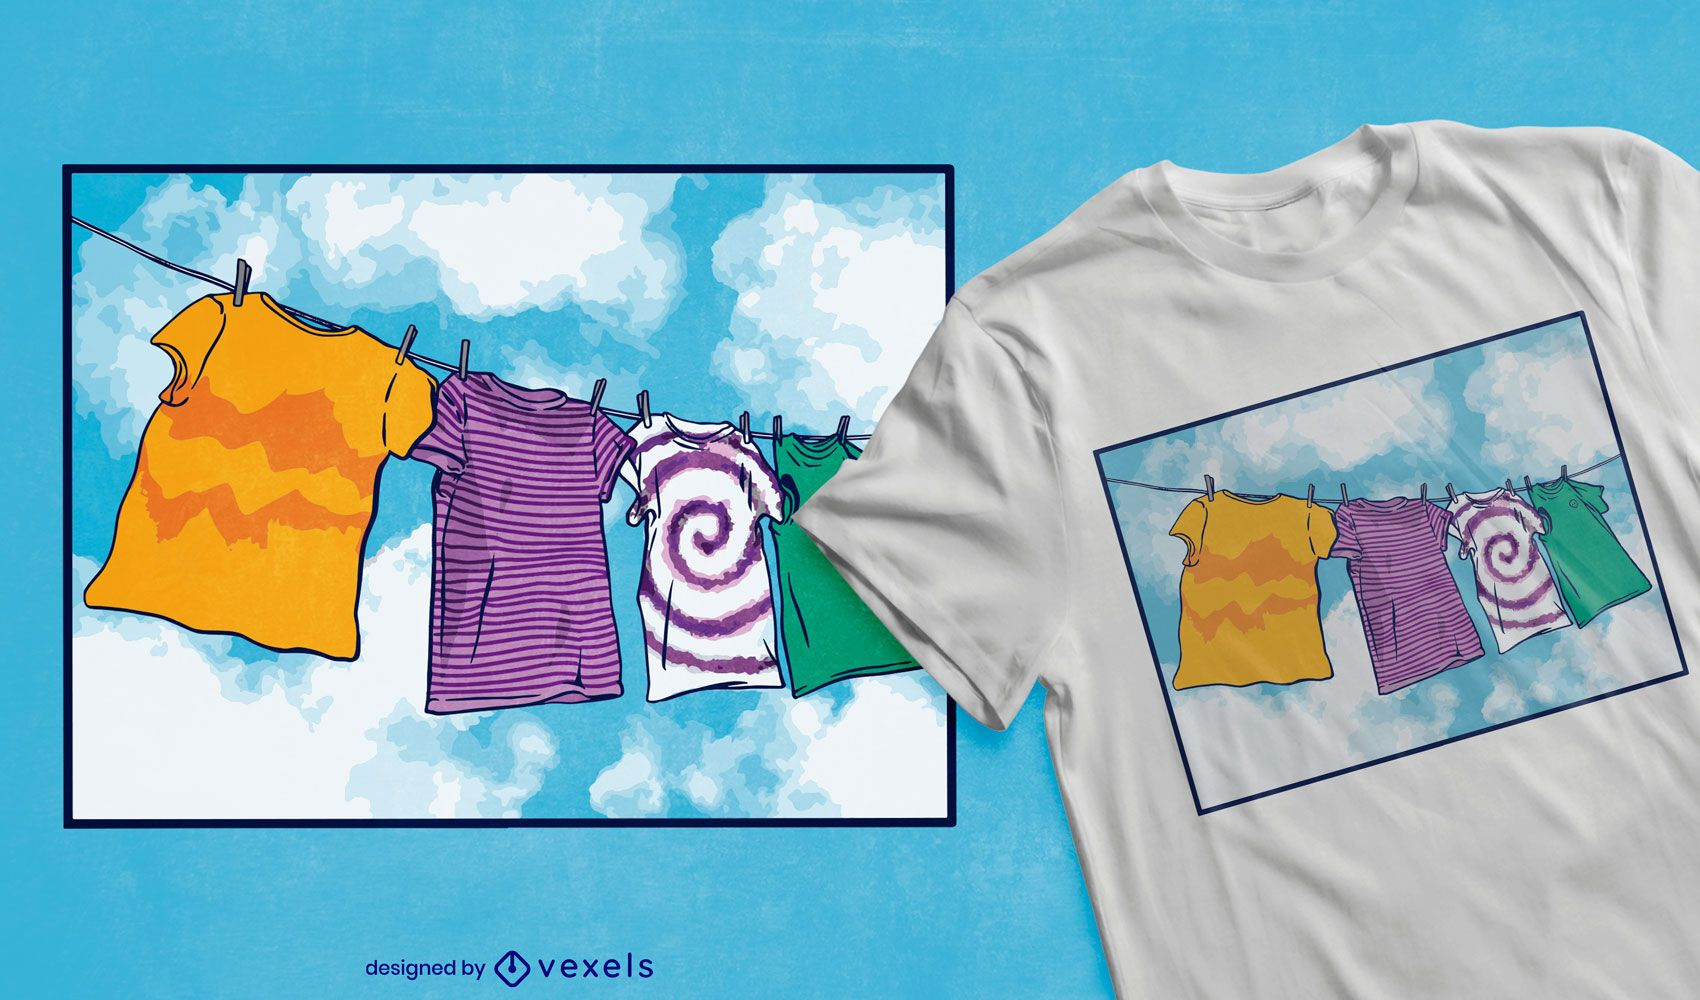 Dise?o de camiseta de l?nea de ropa.